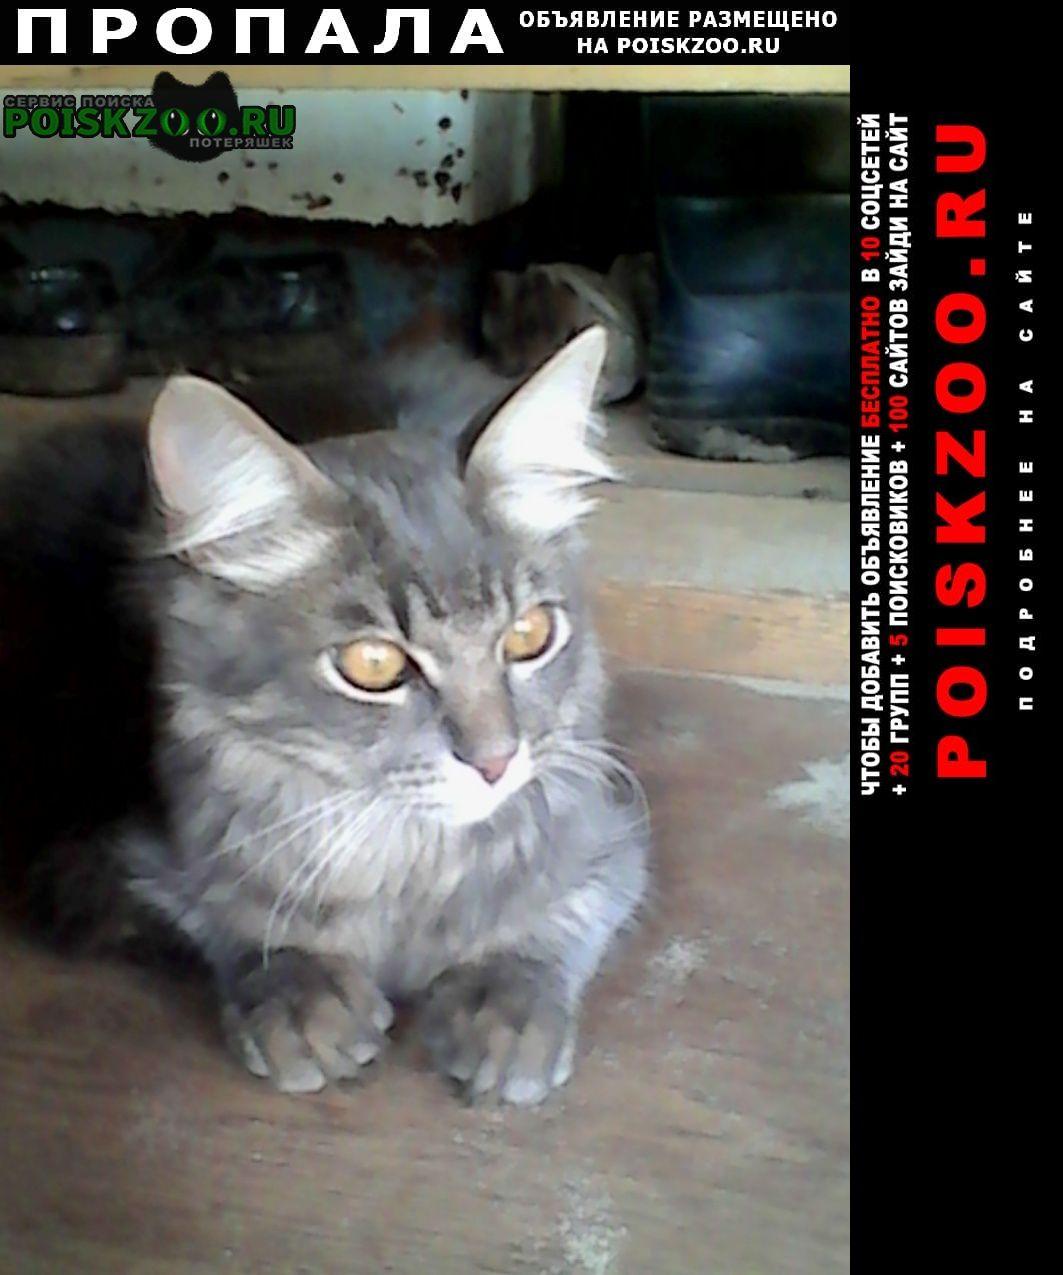 Пропал кот серого цвета Ярославль